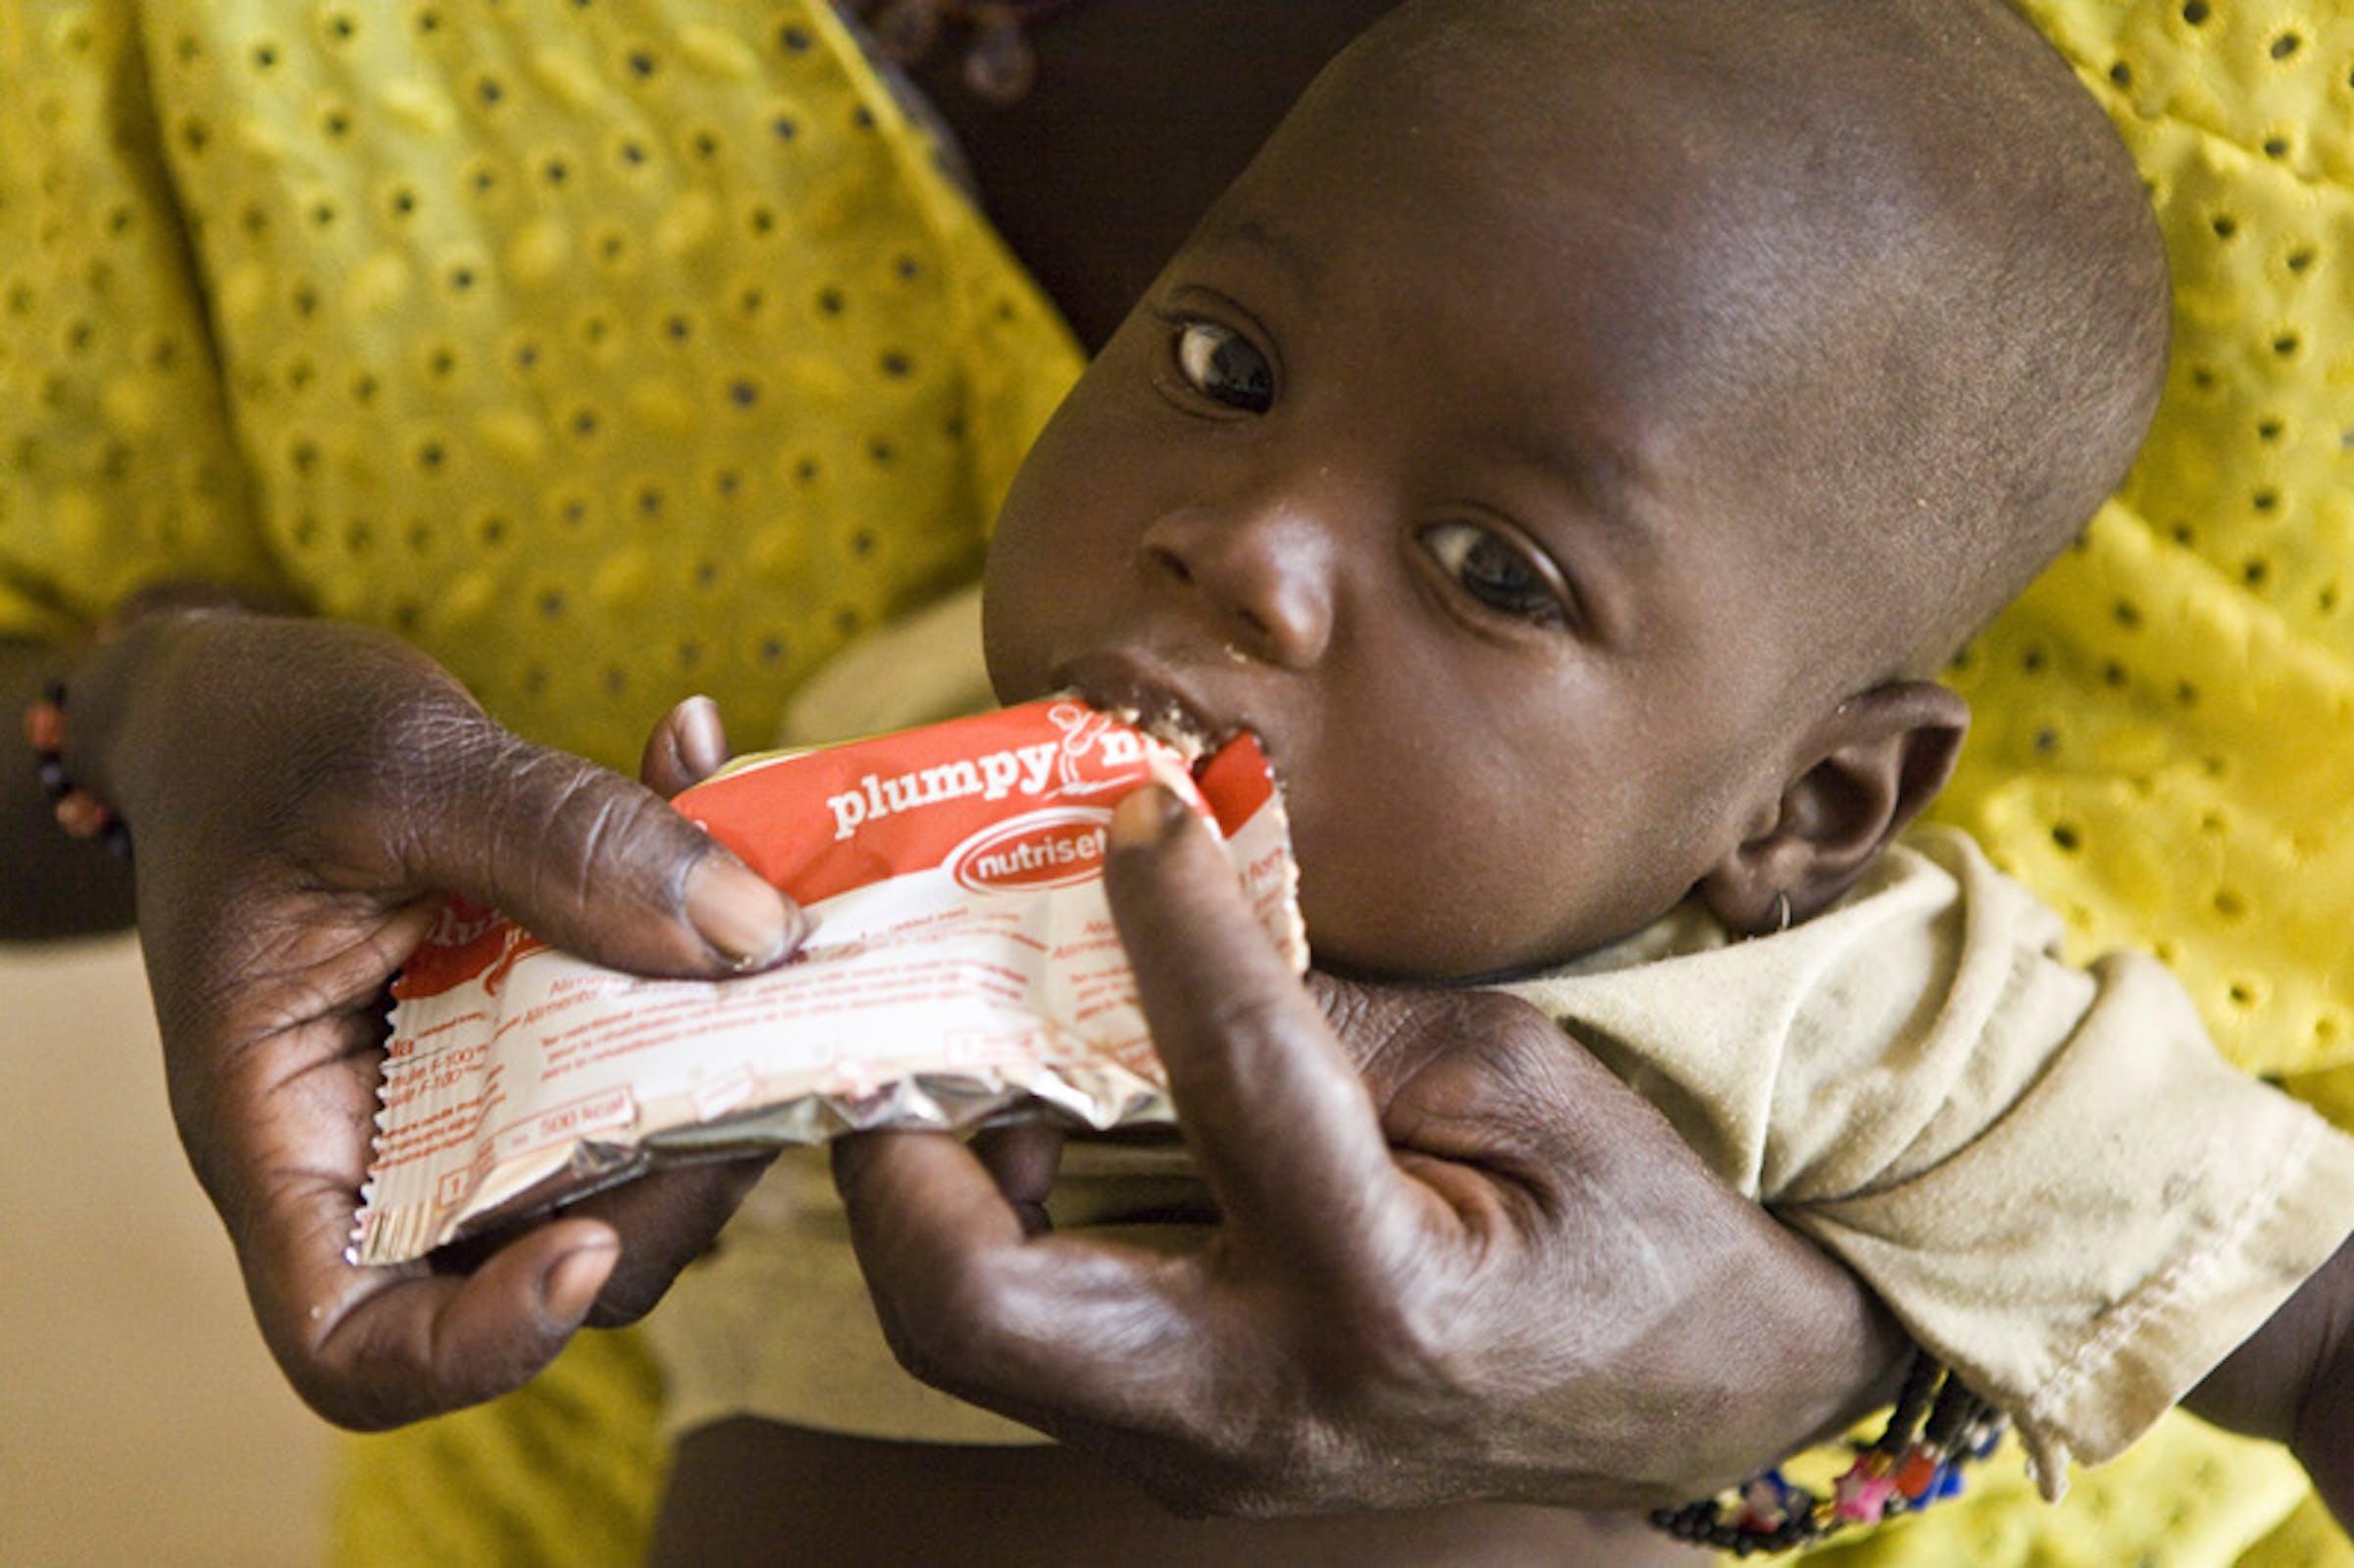 Un bambino affetto da malnutrizione grave con una dose di Plumpynut, un alimento terapeutico pronto per l'uso: foto scattata a Djenne, nella regione di Mopti (Mali) - ©UNICEF Mali/2012-0047/Harandane Dicko